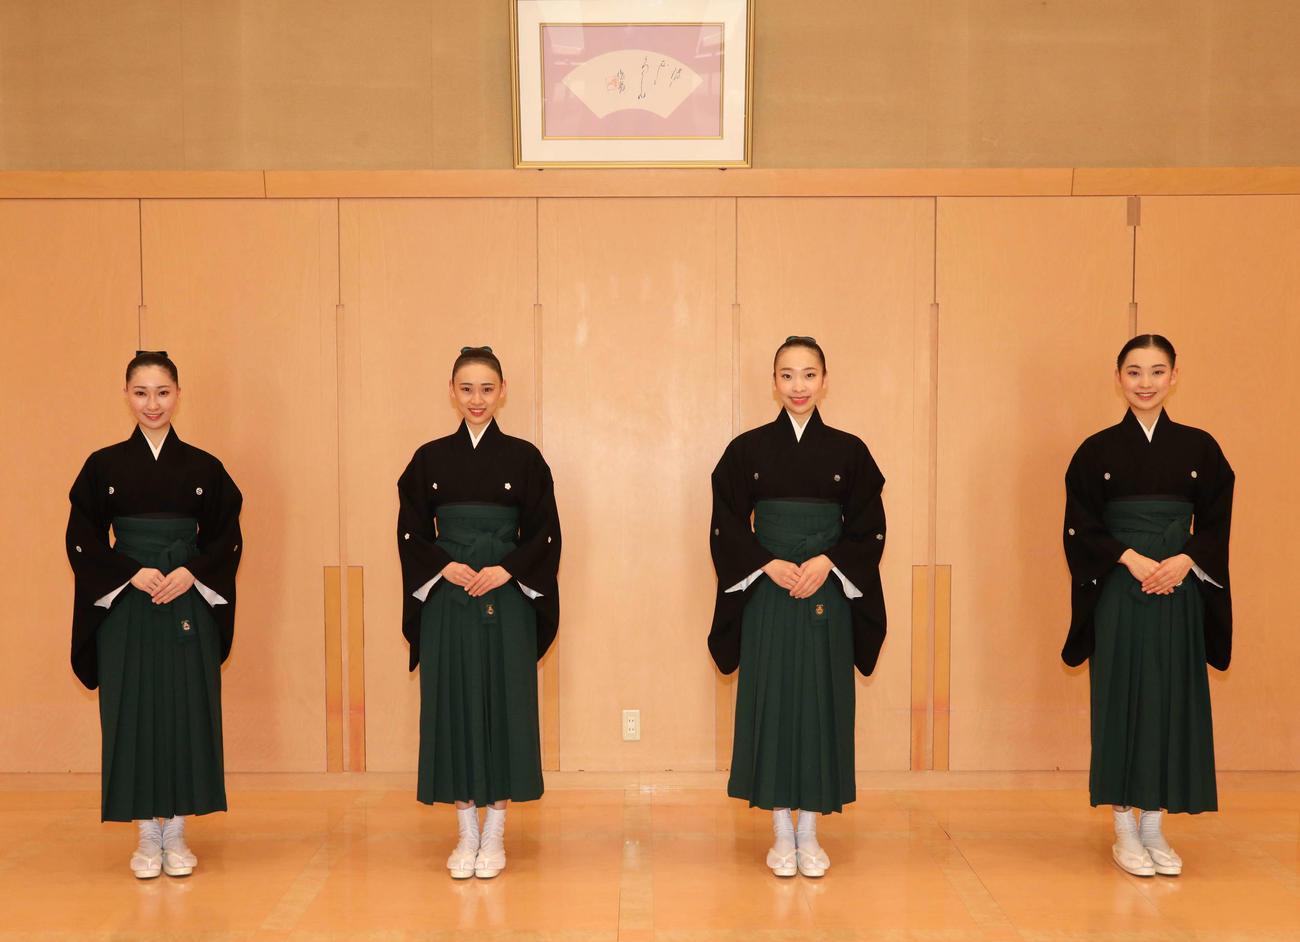 宝塚音楽学校を卒業し、107期生を代表してコメントした(左から)西村あみさん、門間さや香さん、鳴瀬陽さん、遠藤杏紗さん